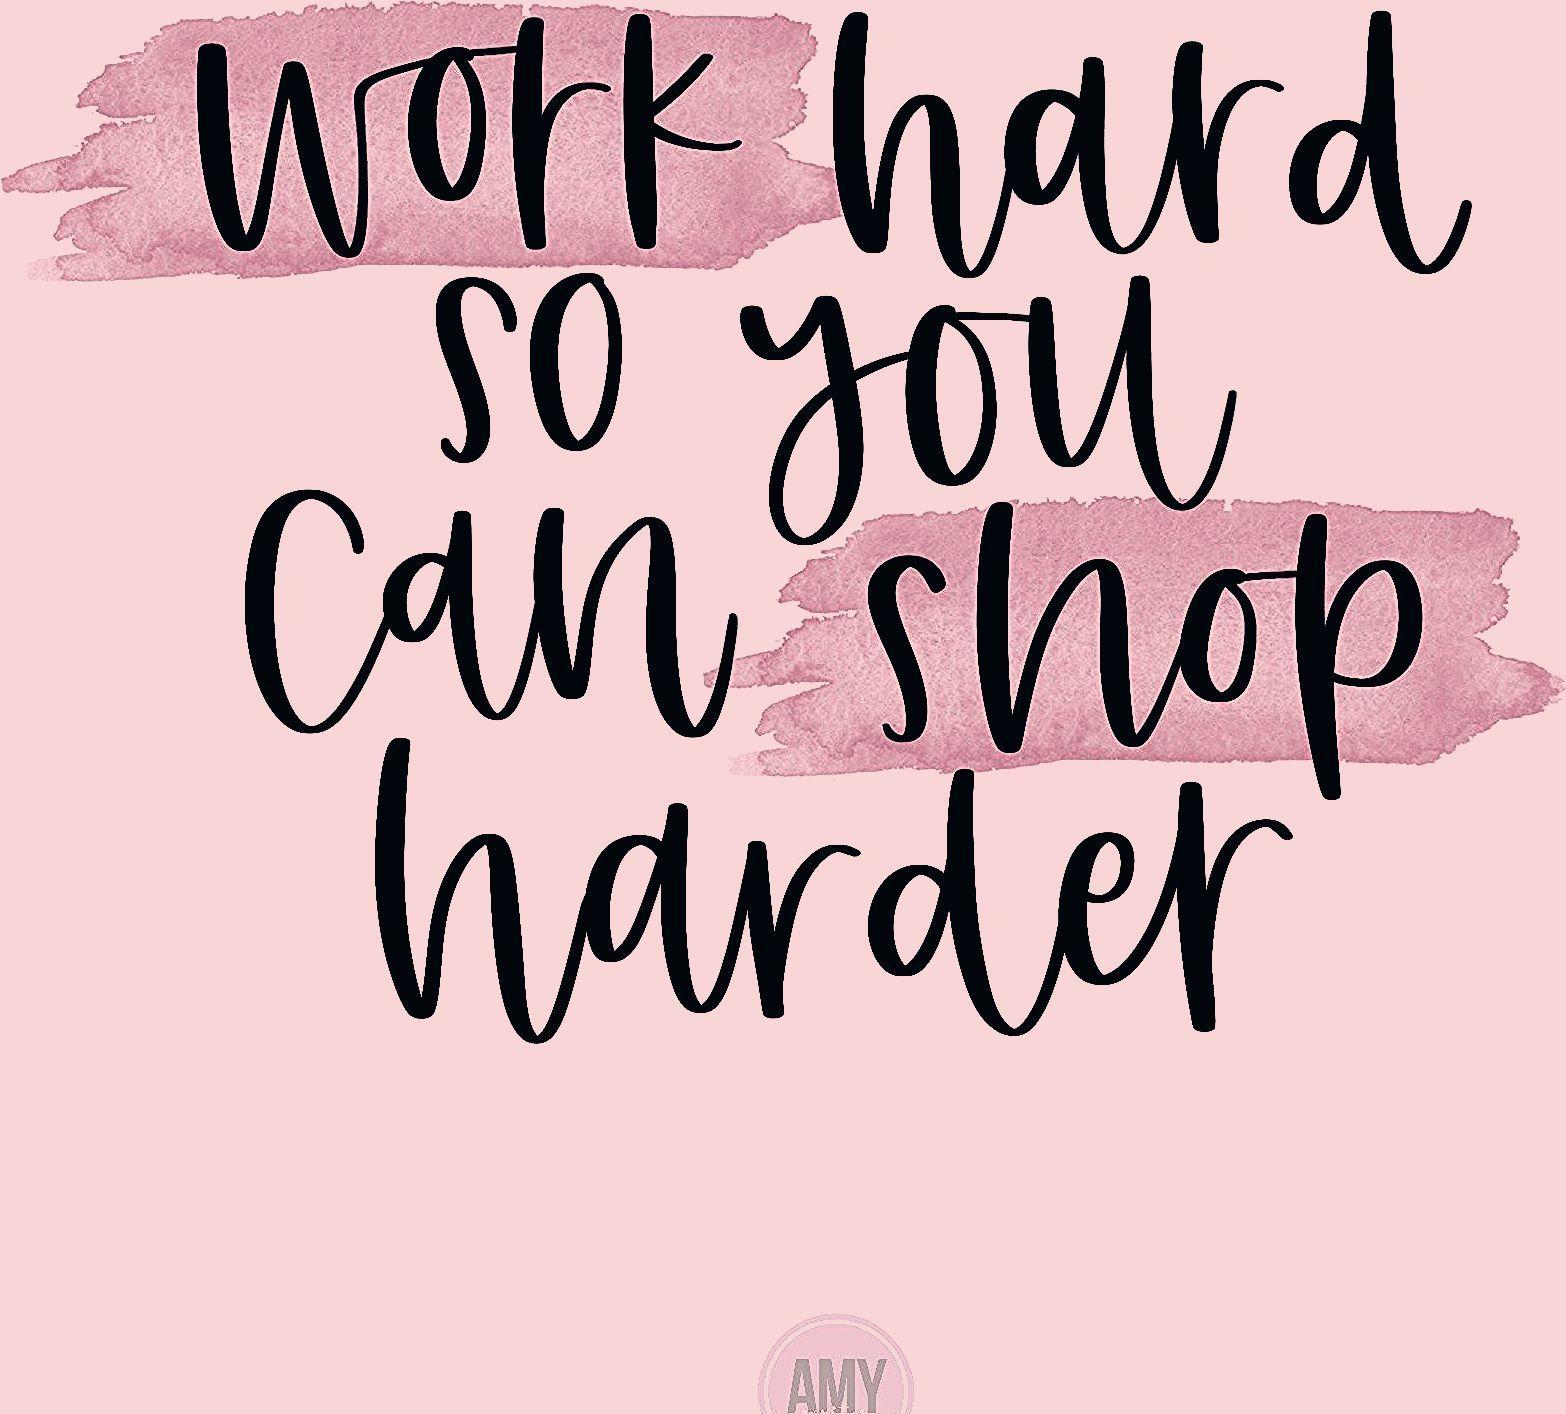 Work Hard So Yo Can Shop Harder